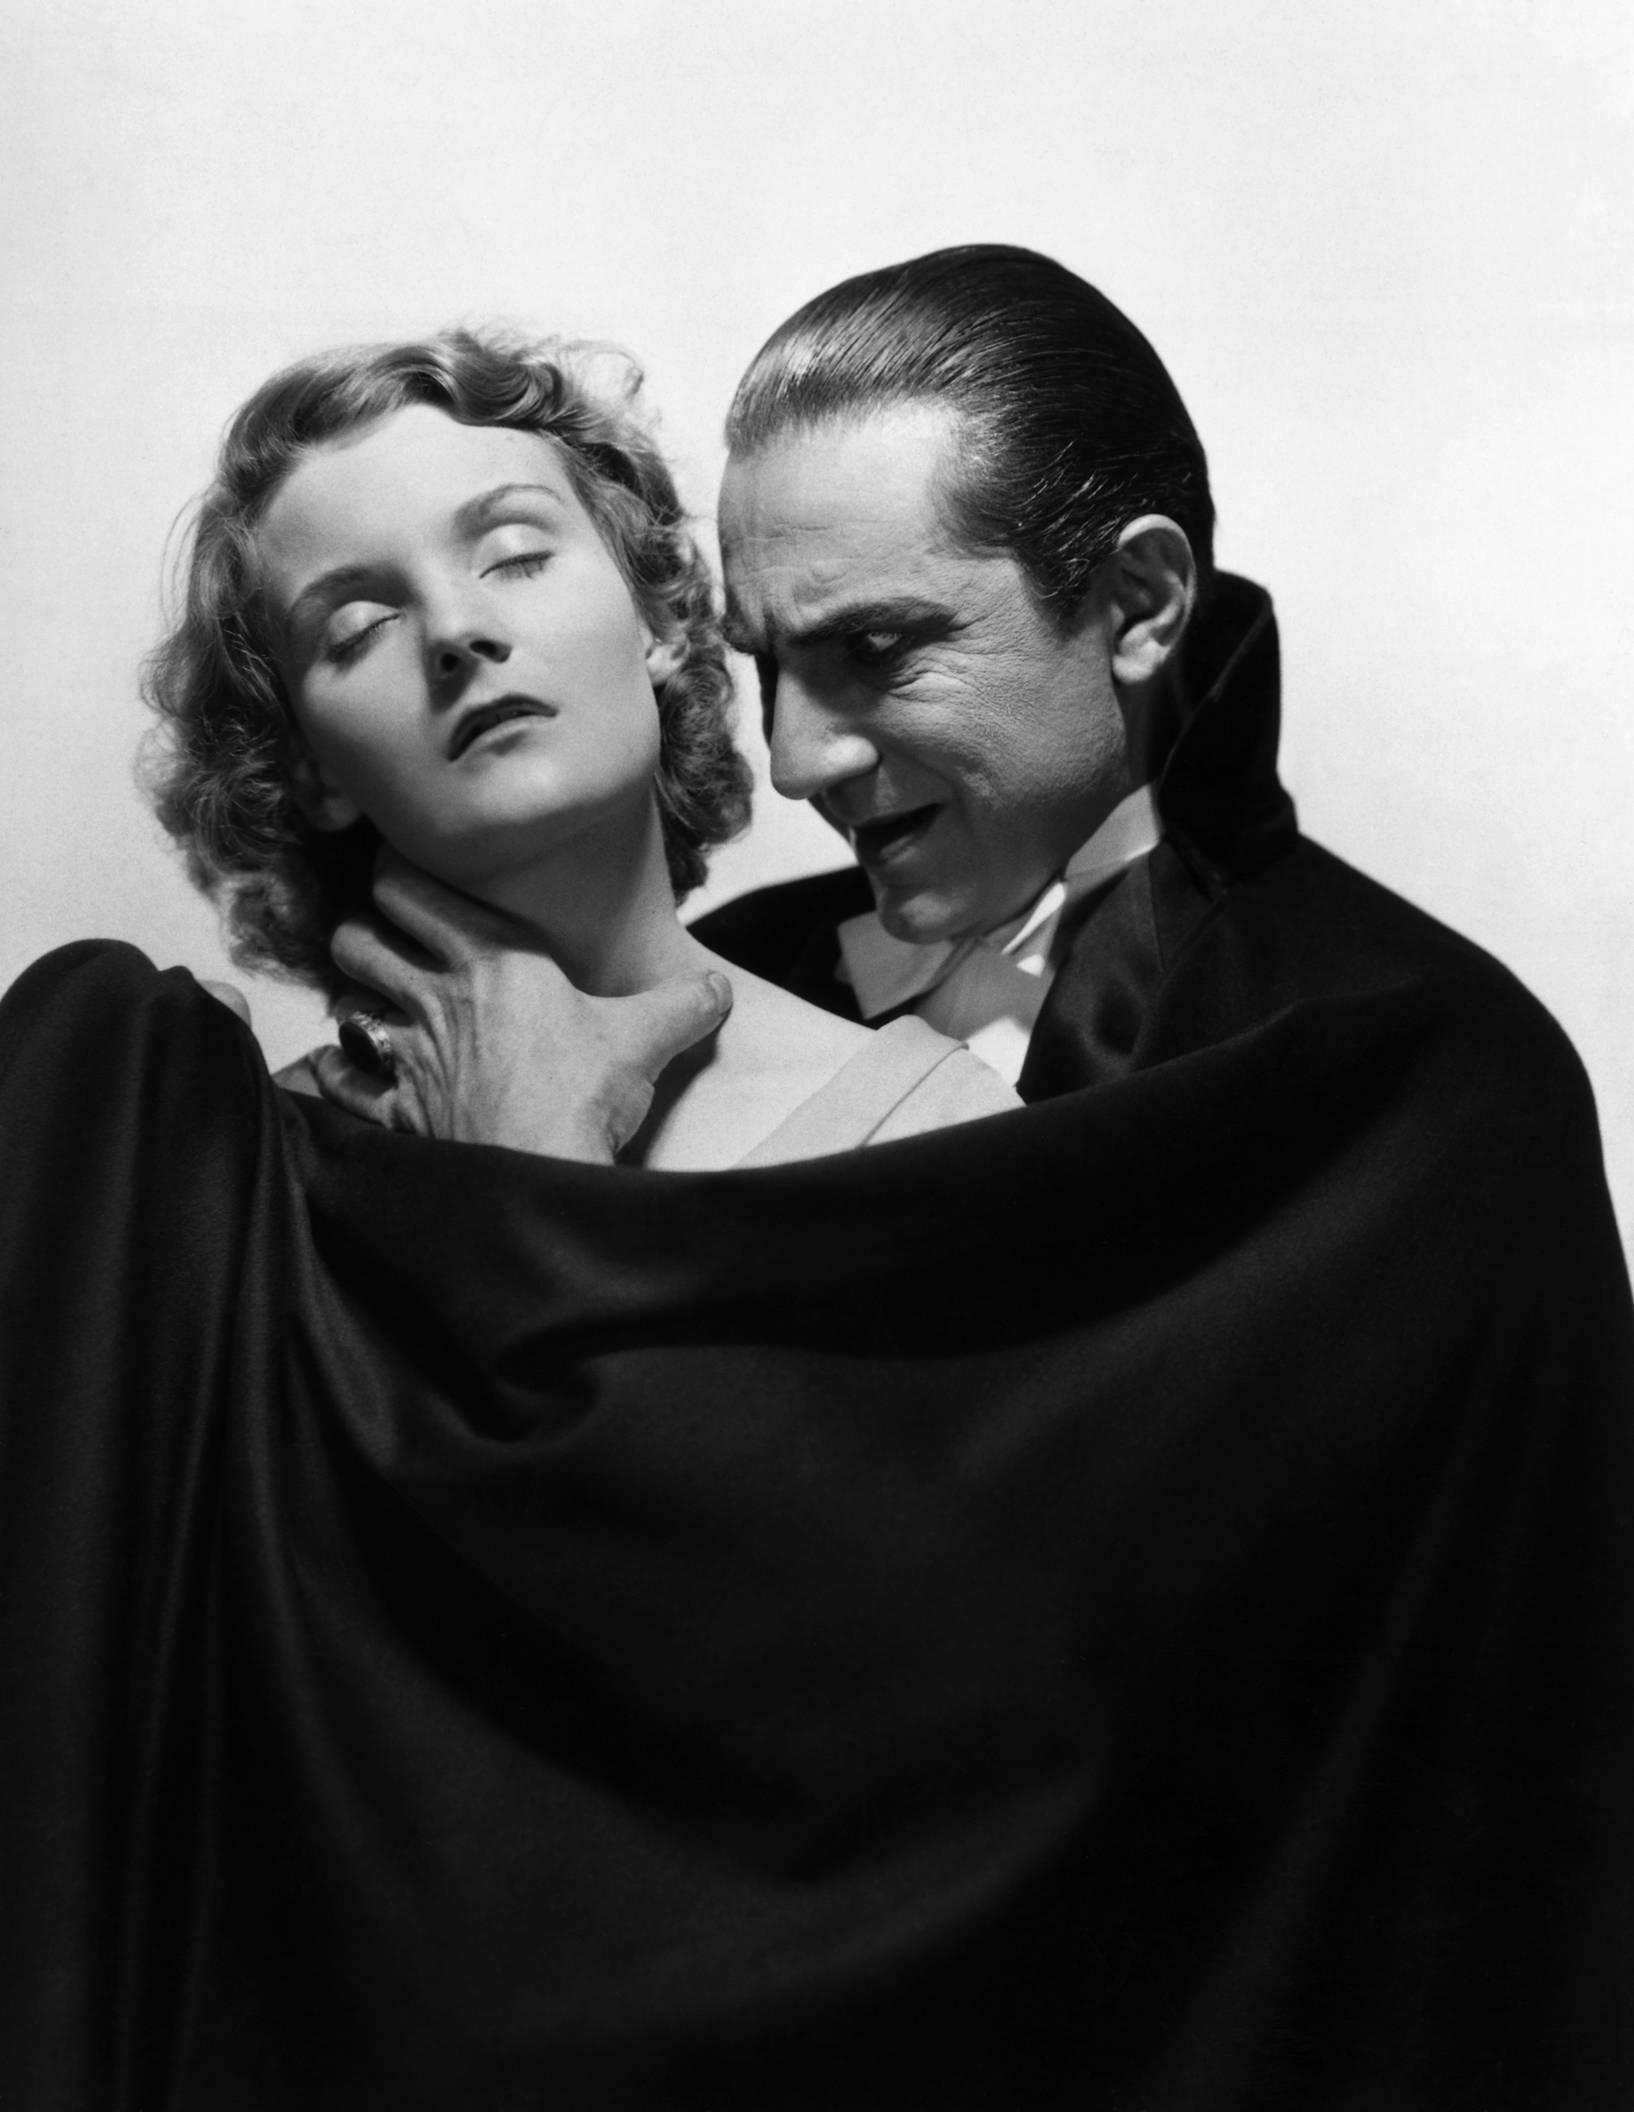 Bela Lugosi With Helen Chandler